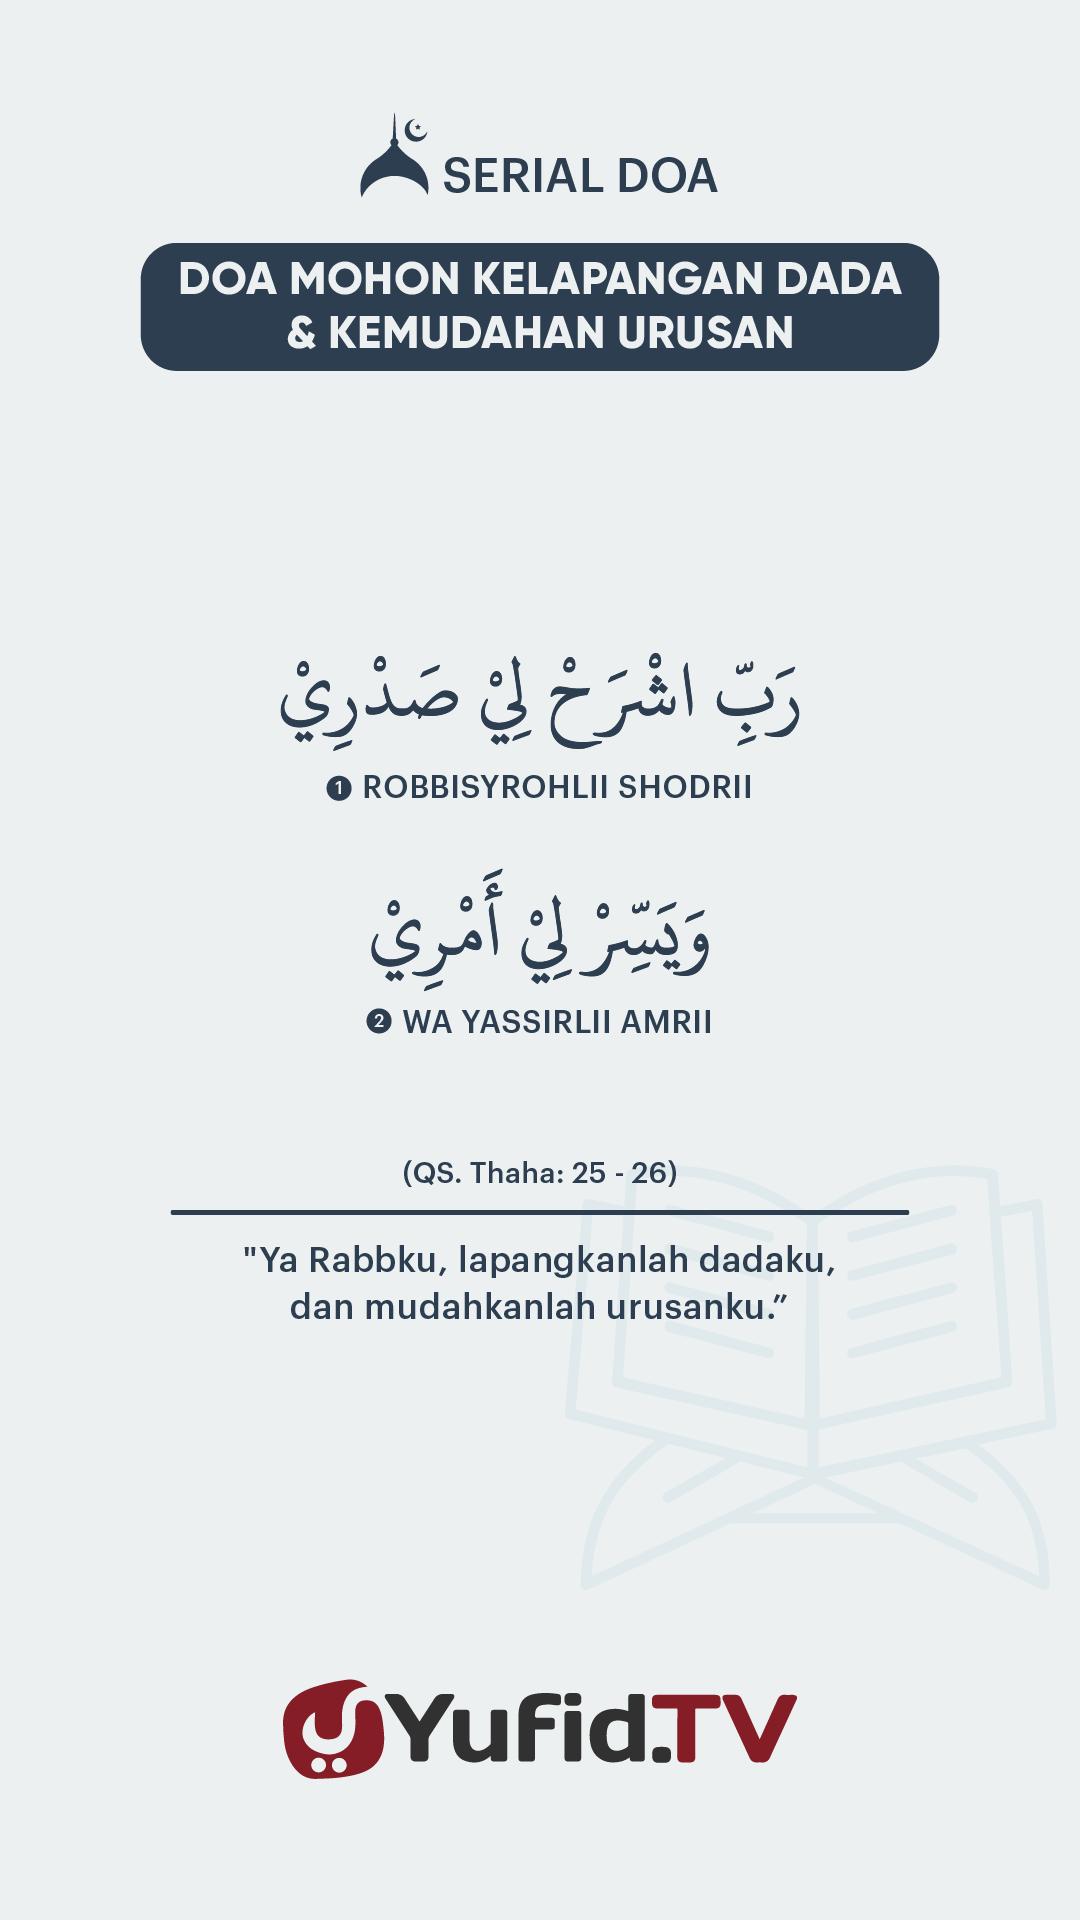 Ensiklopedia Islam Doa Mohon Kelapangan Dada Kemudahan